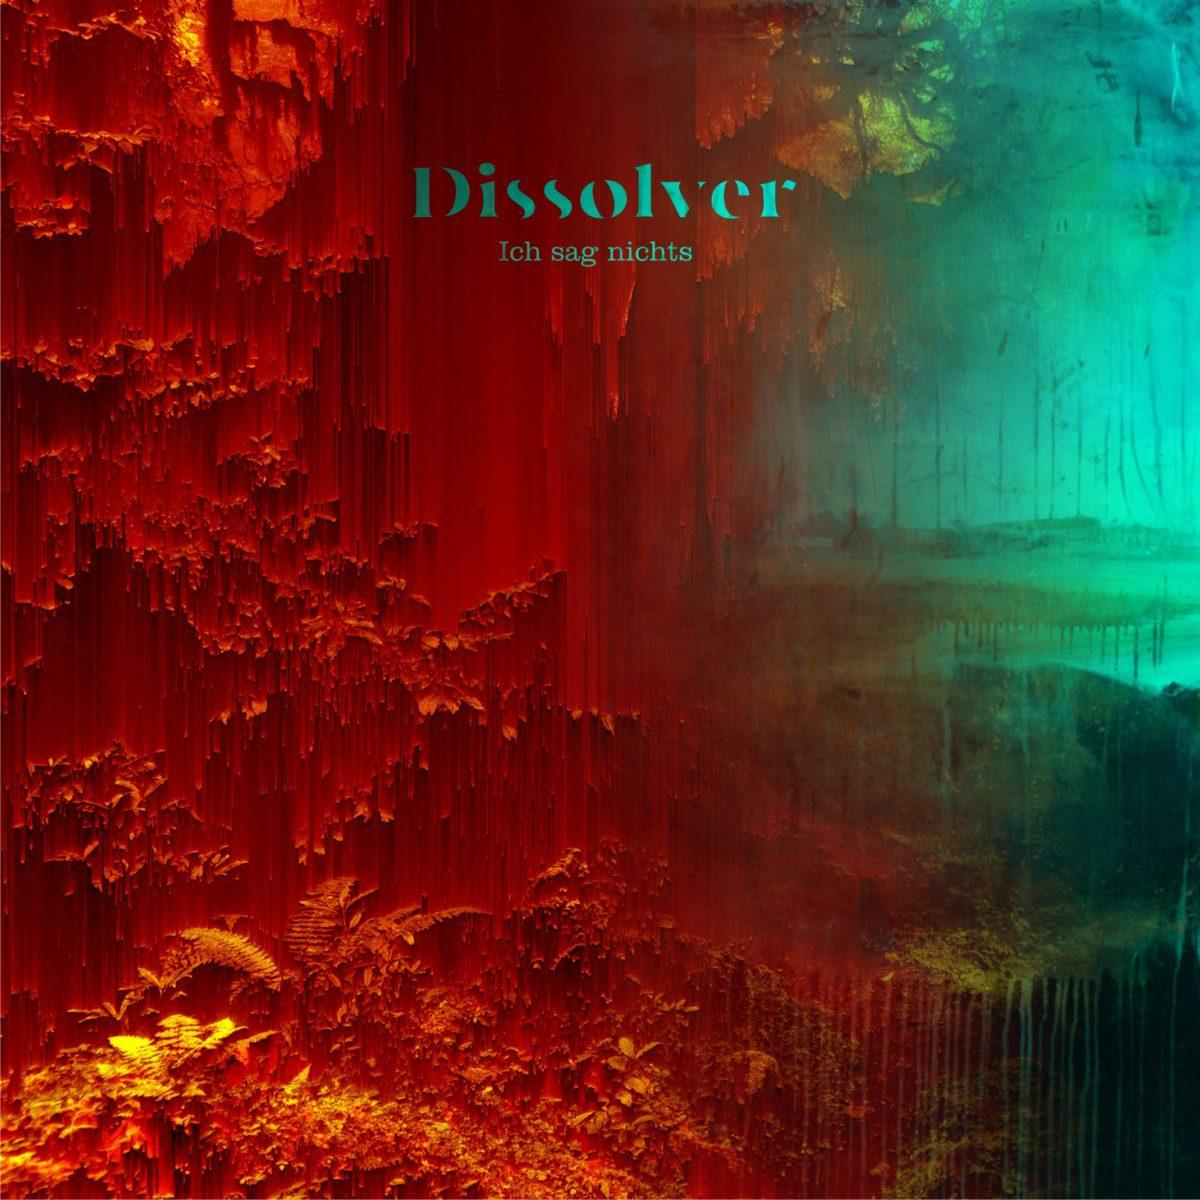 Dissolver – Ich sag nichts